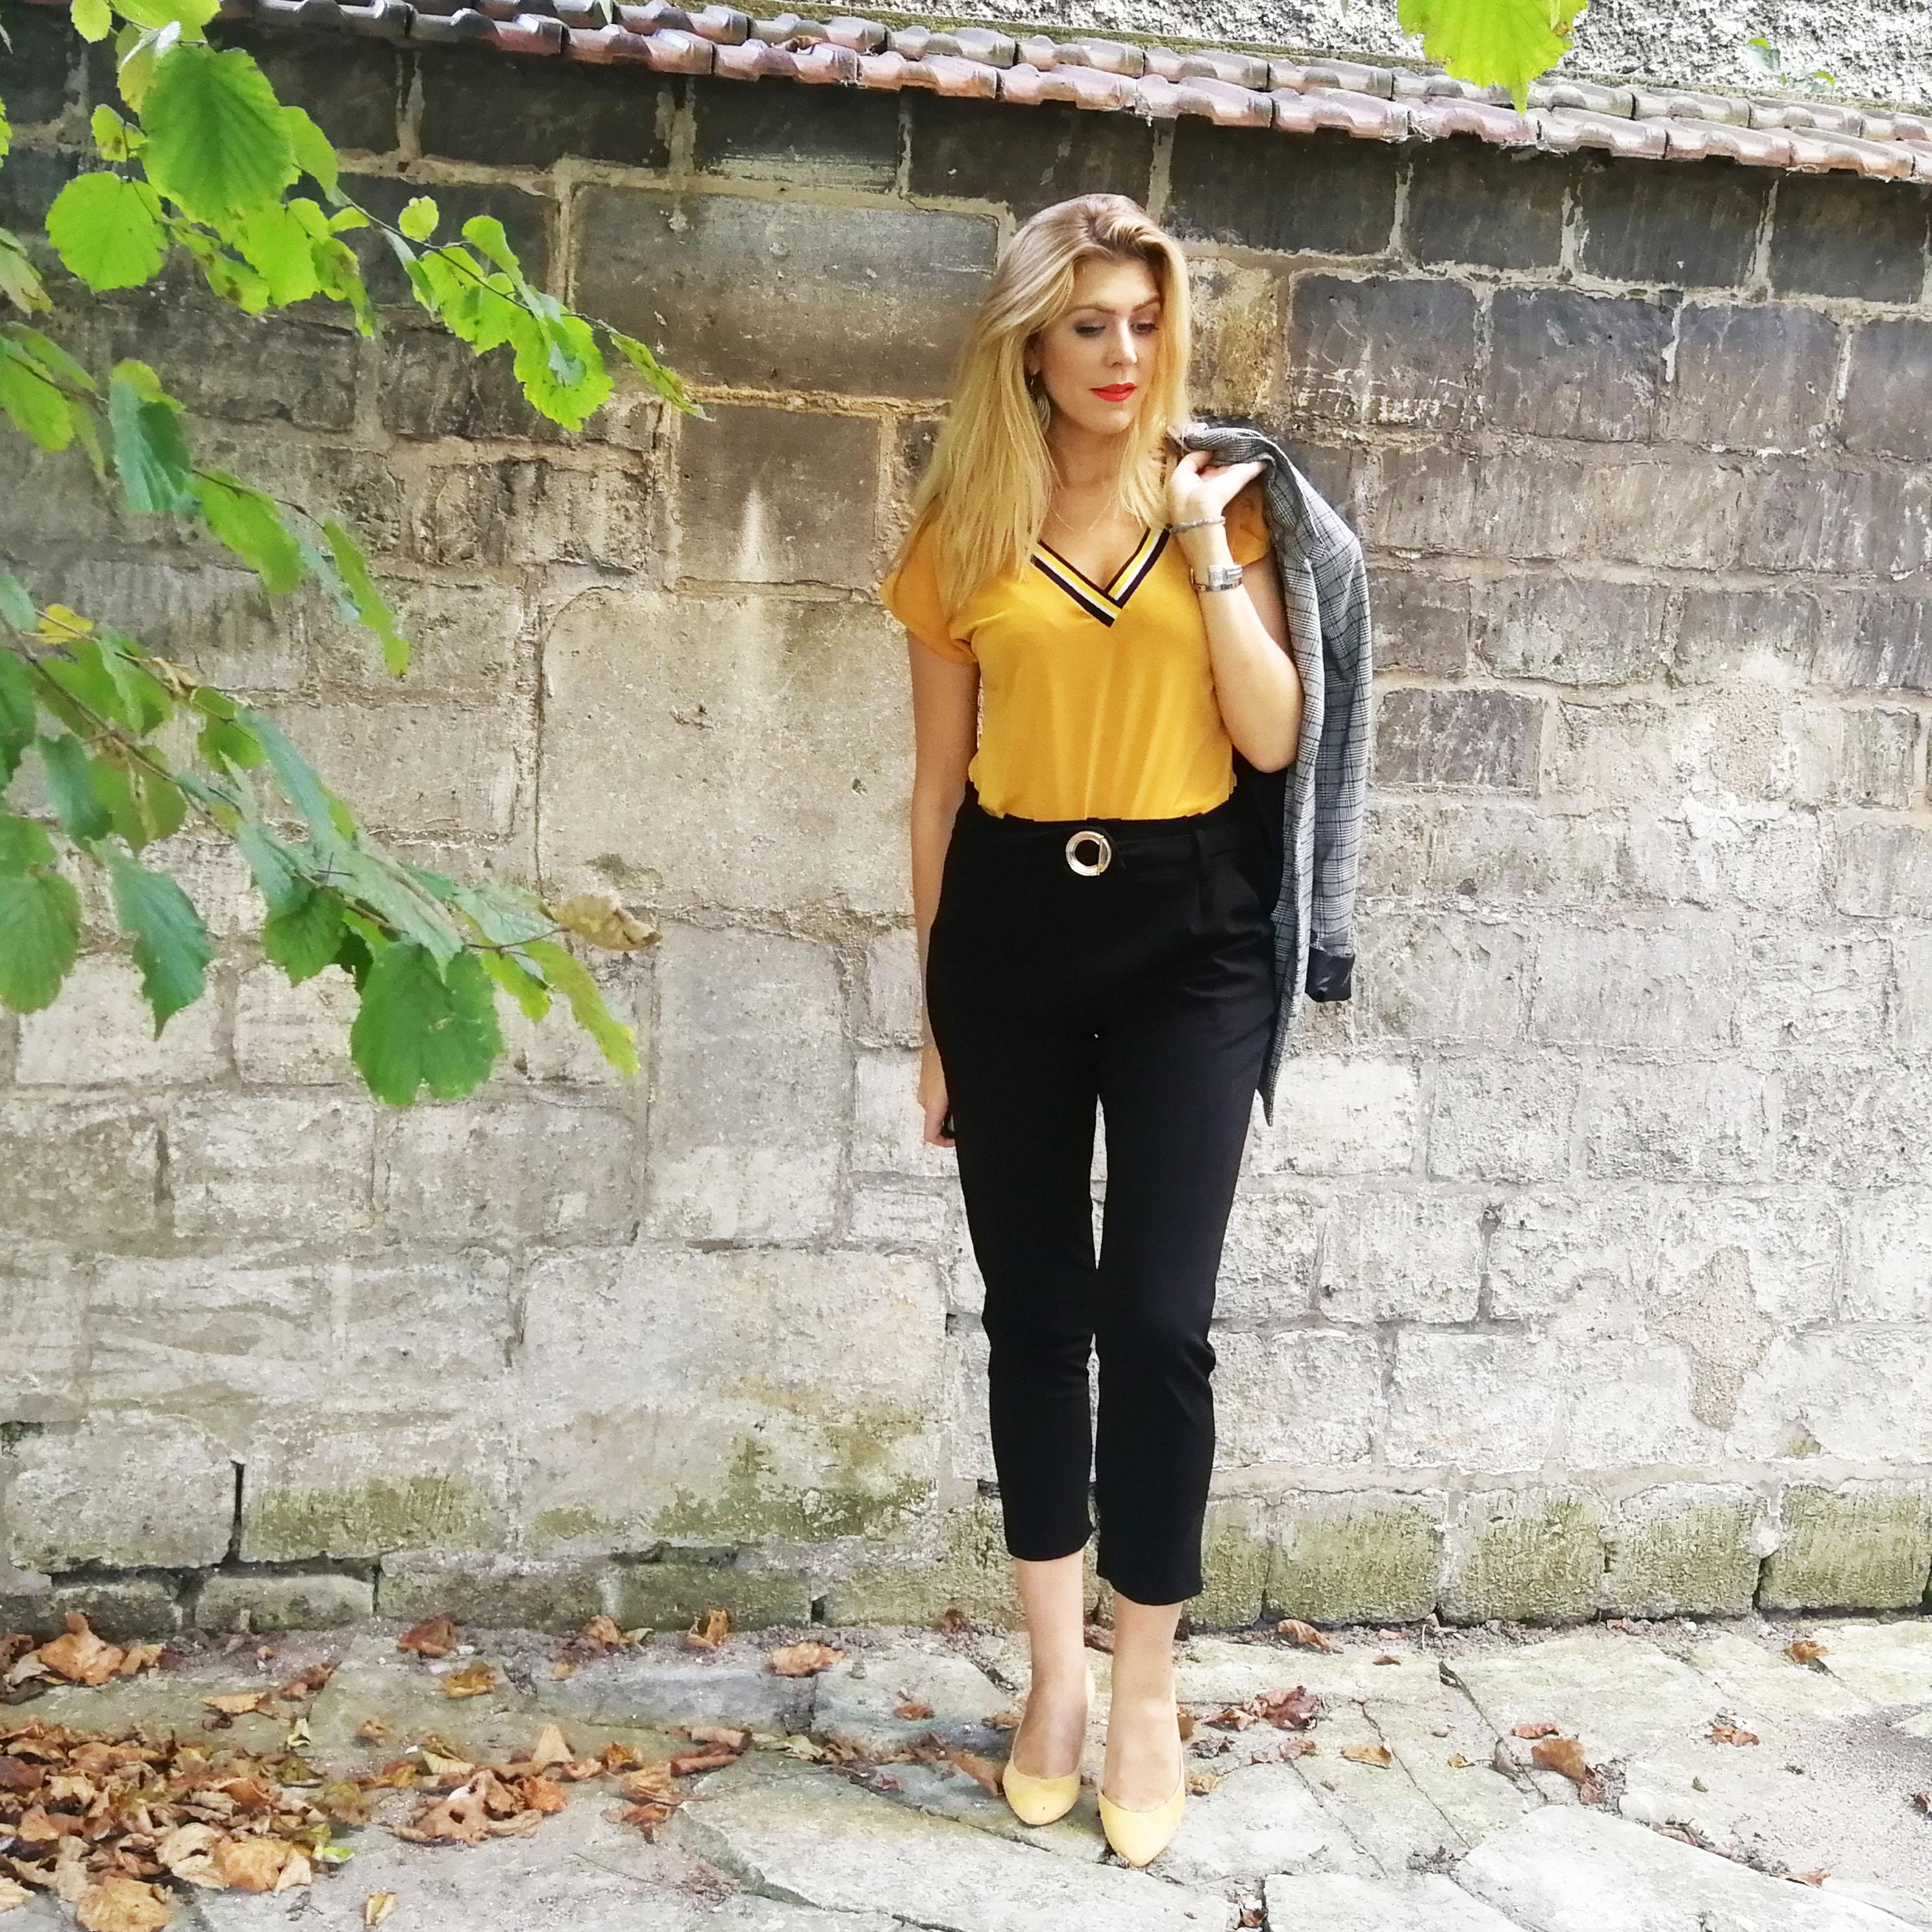 Quelles chaussures avec cette robe ? | Forums madmoiZelle